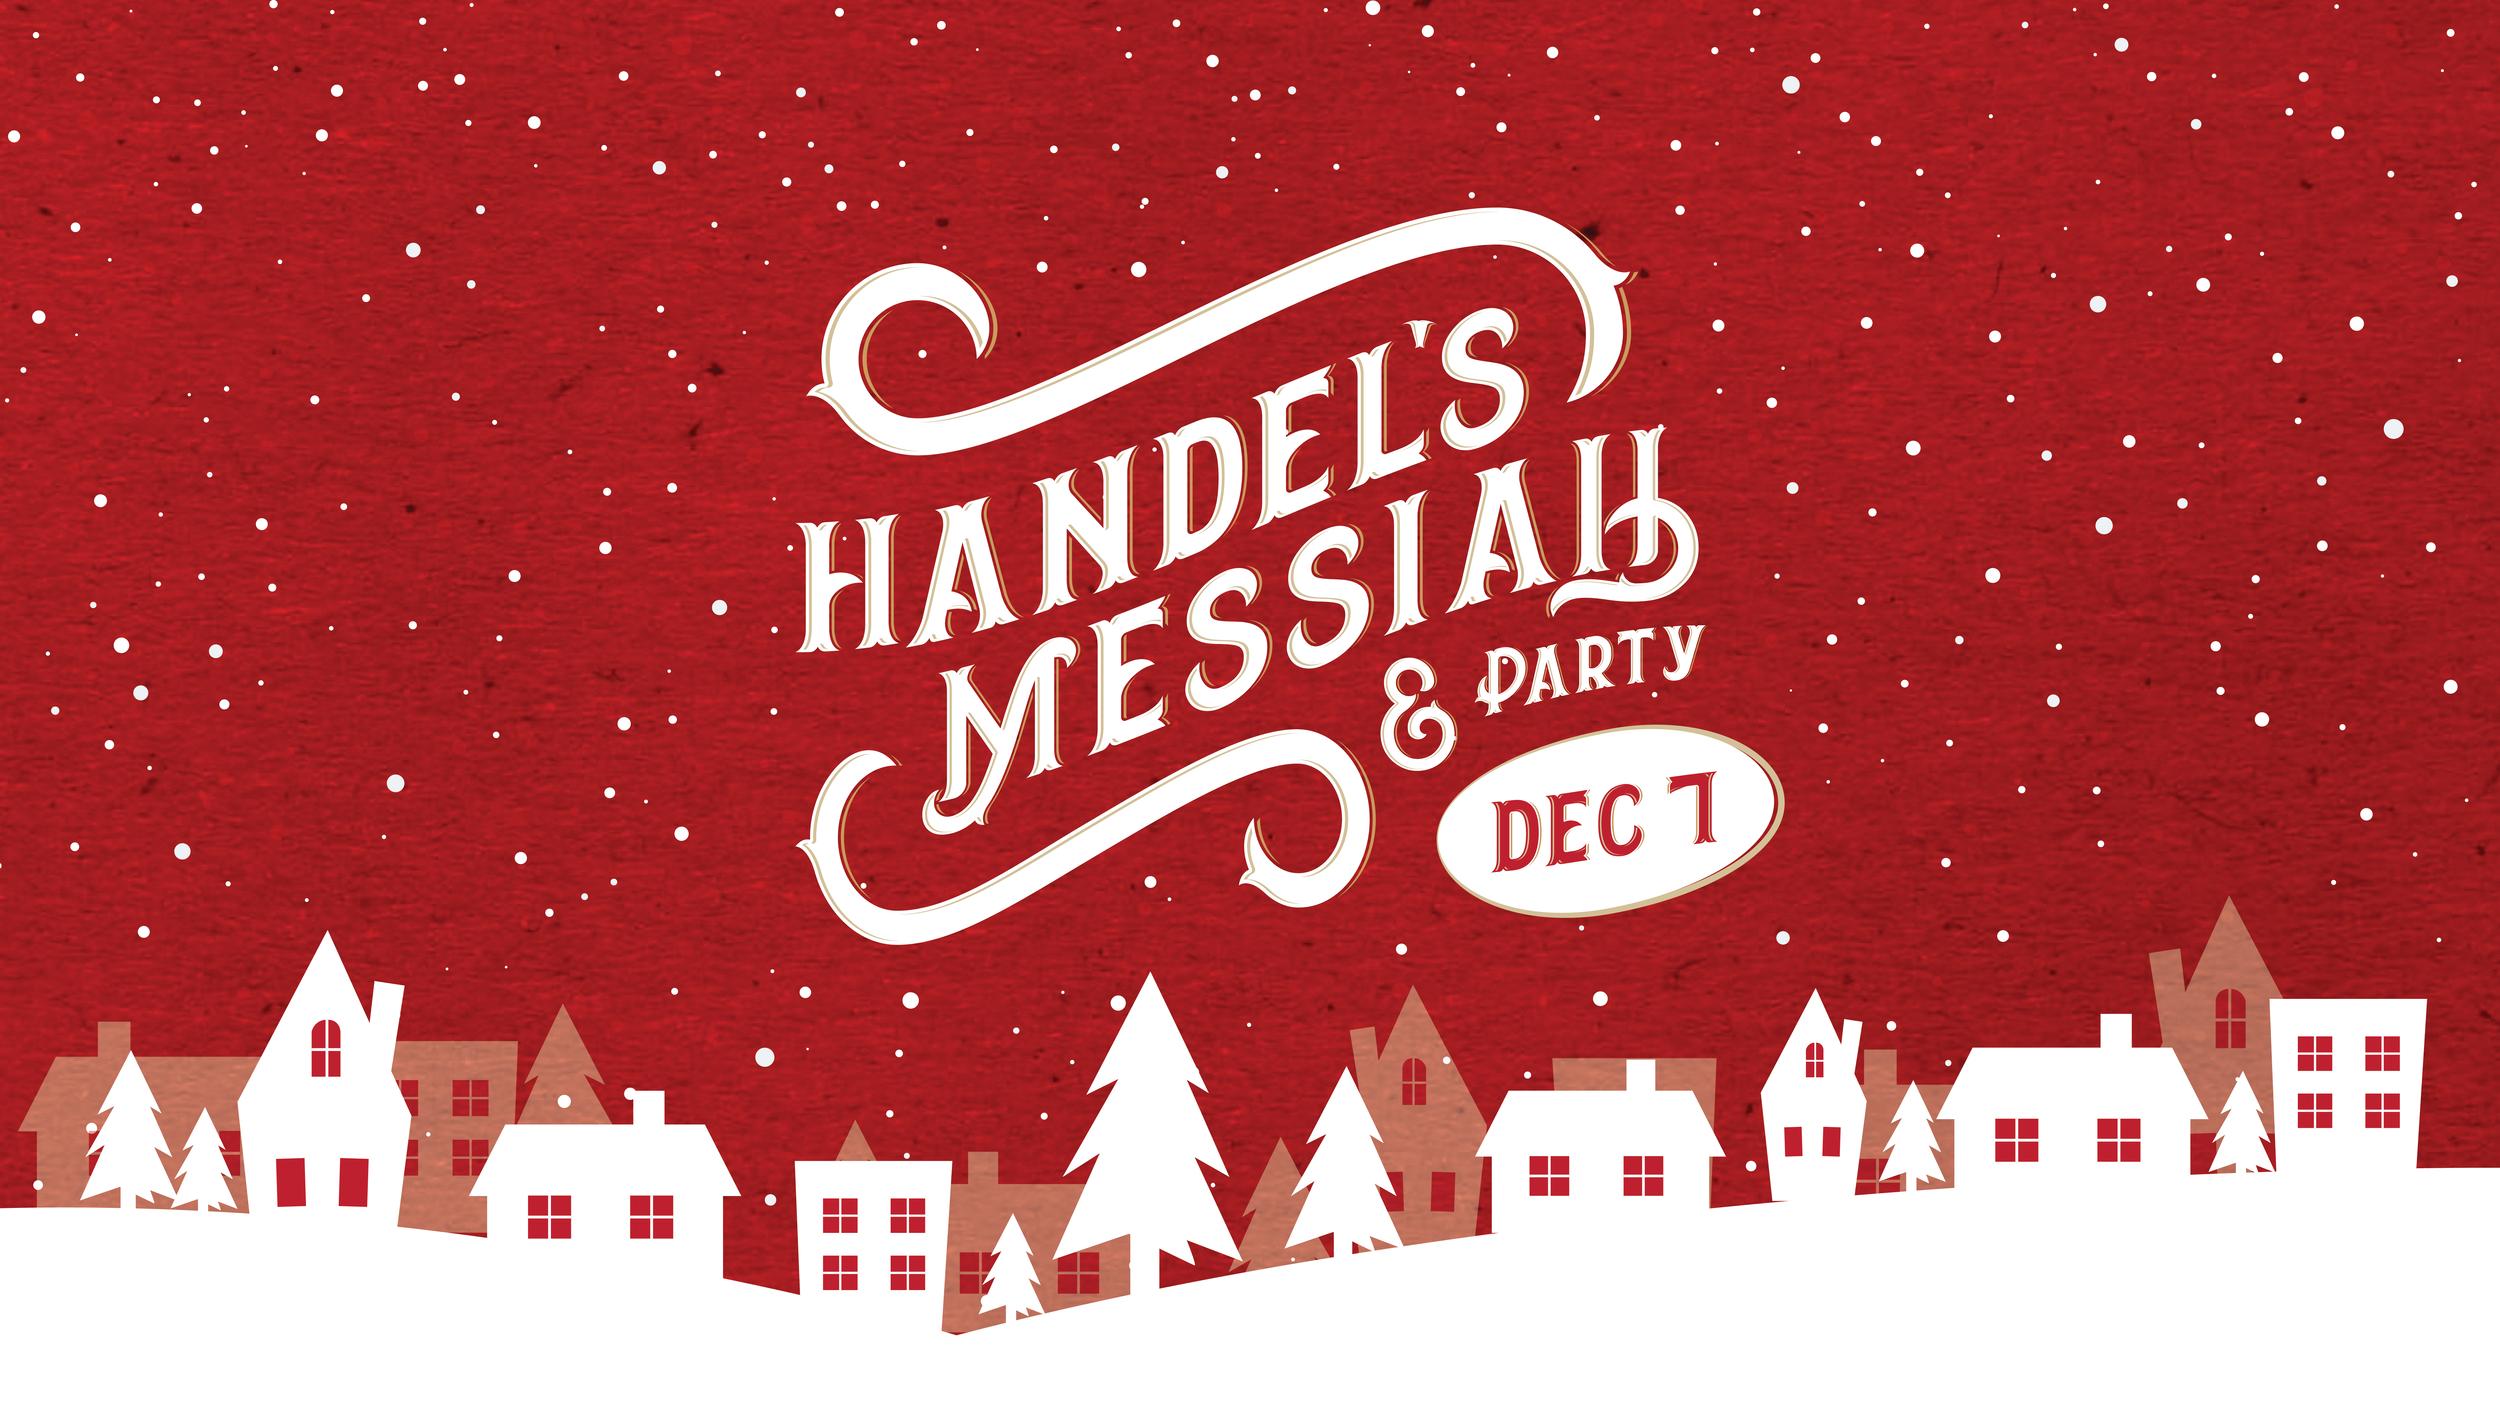 2019 Handels Messiah Slide.png